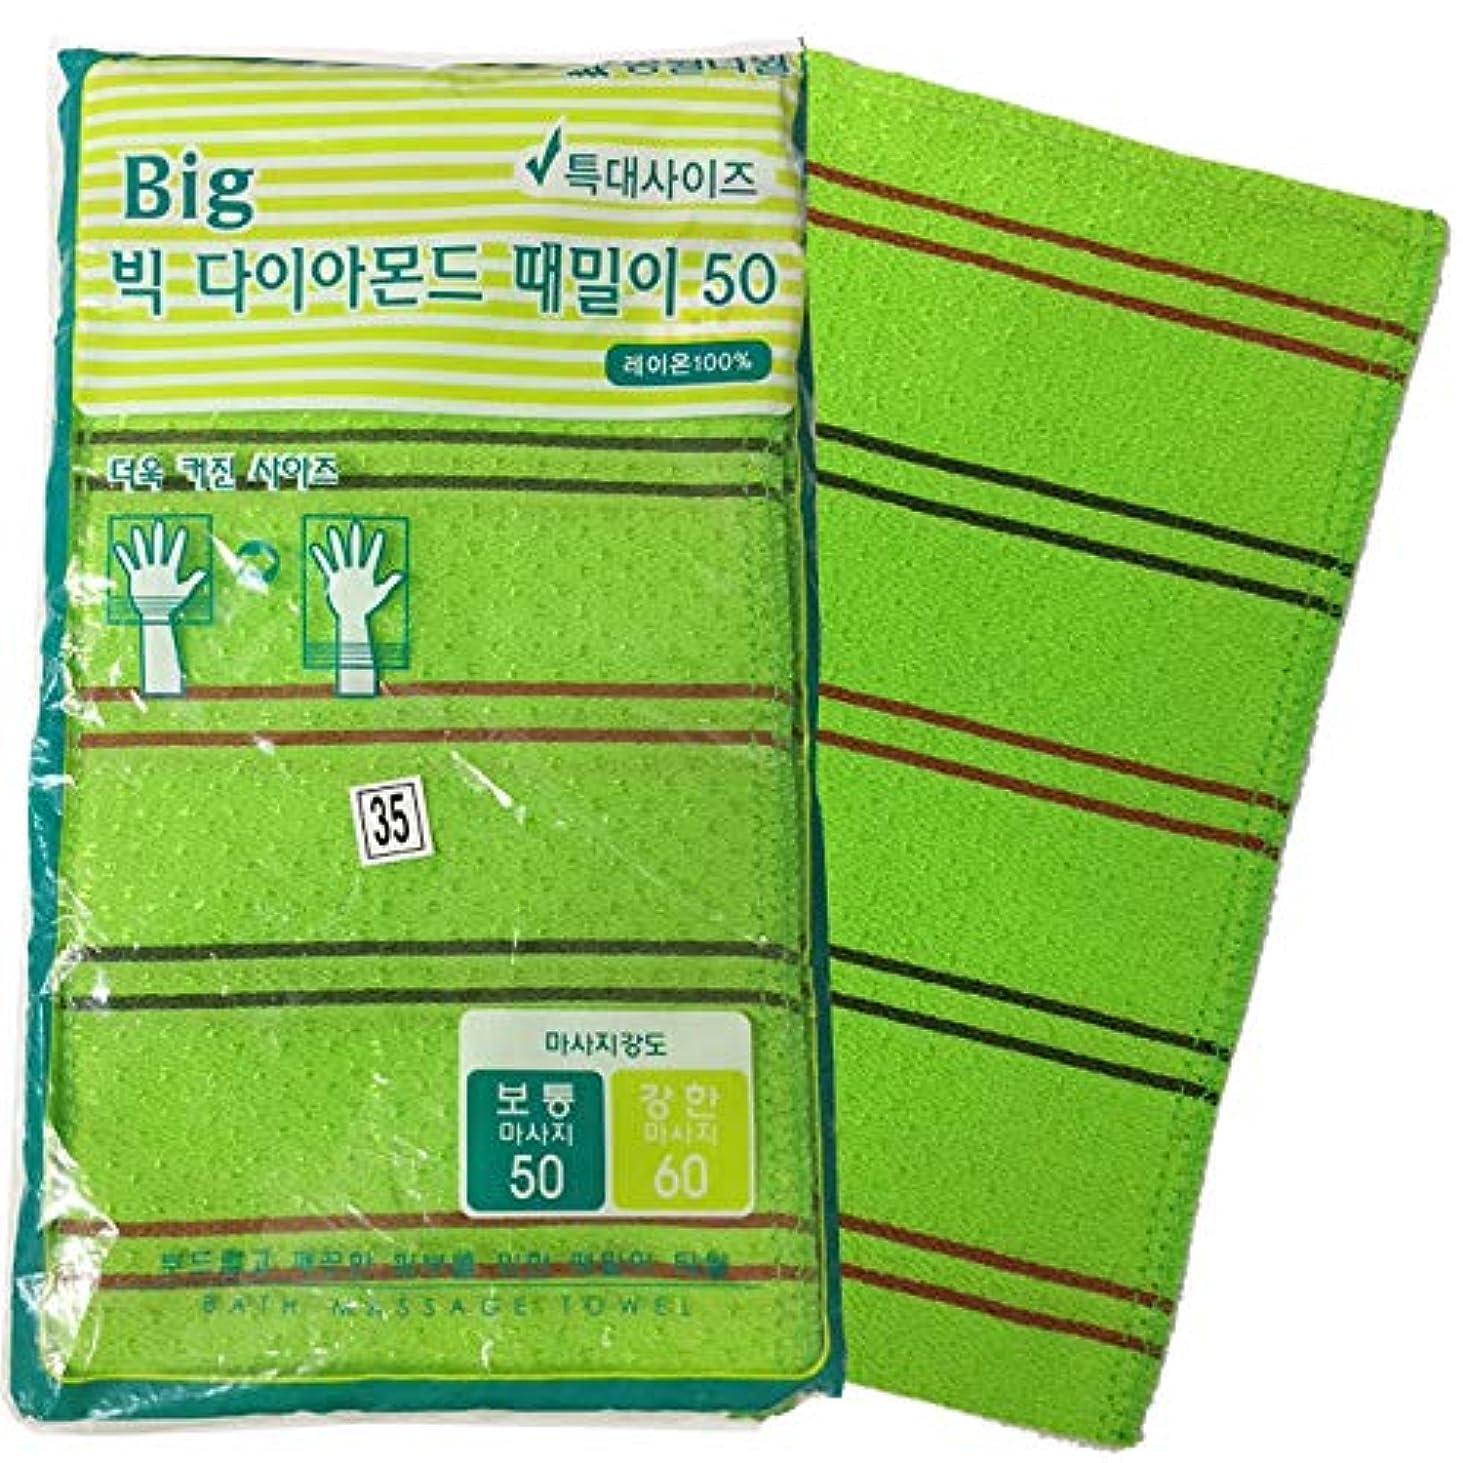 三角オーガニックフォーク10枚入り 韓国式アカスリタオル プロ仕様 サイズ:14X24Cm あかすりタオル